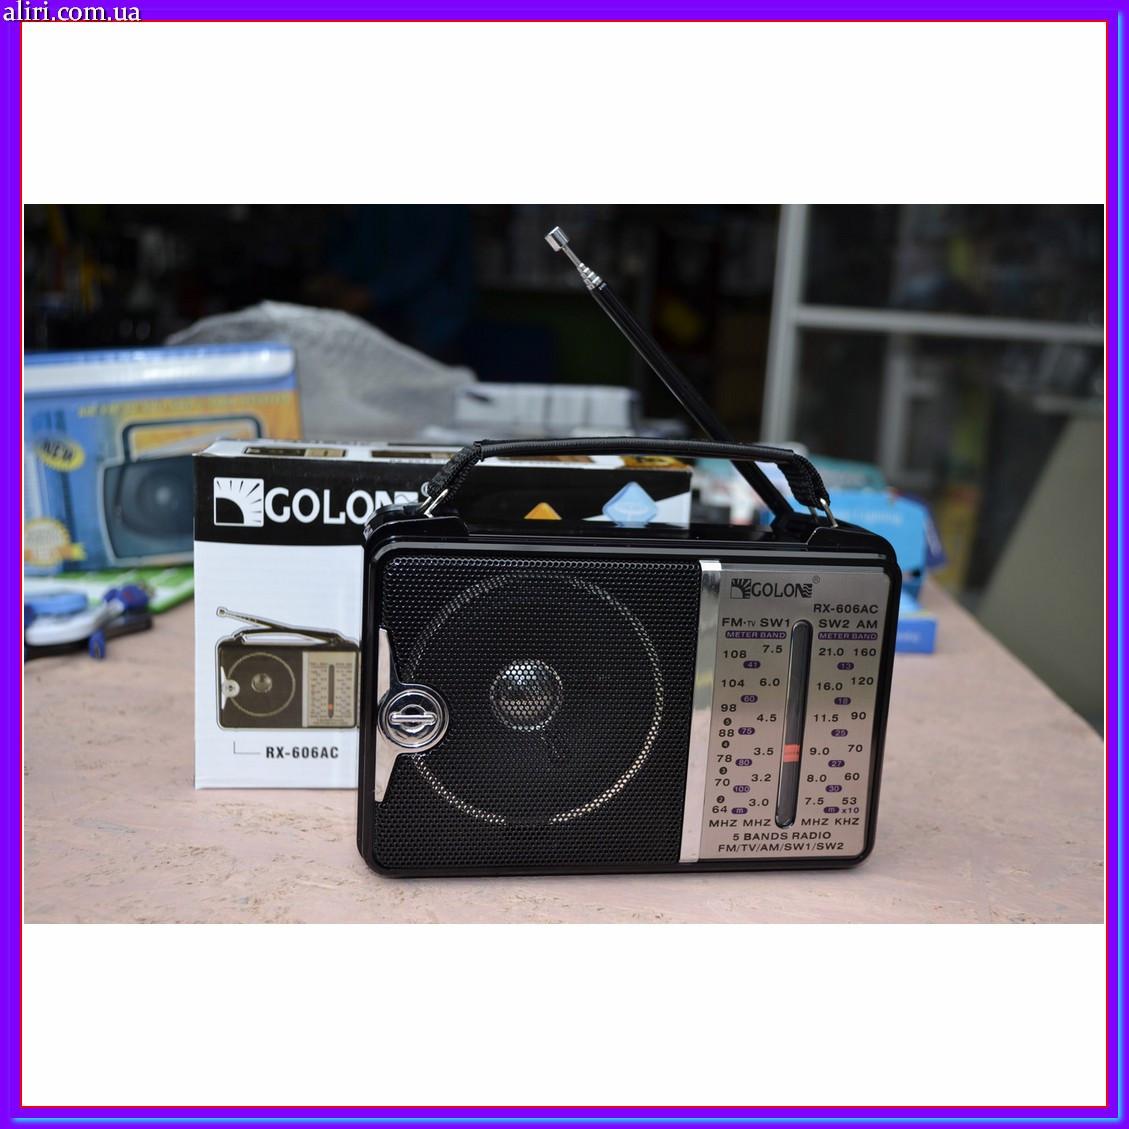 Всеволновой радиоприёмник GOLON RX-606 AC от сети или батареек